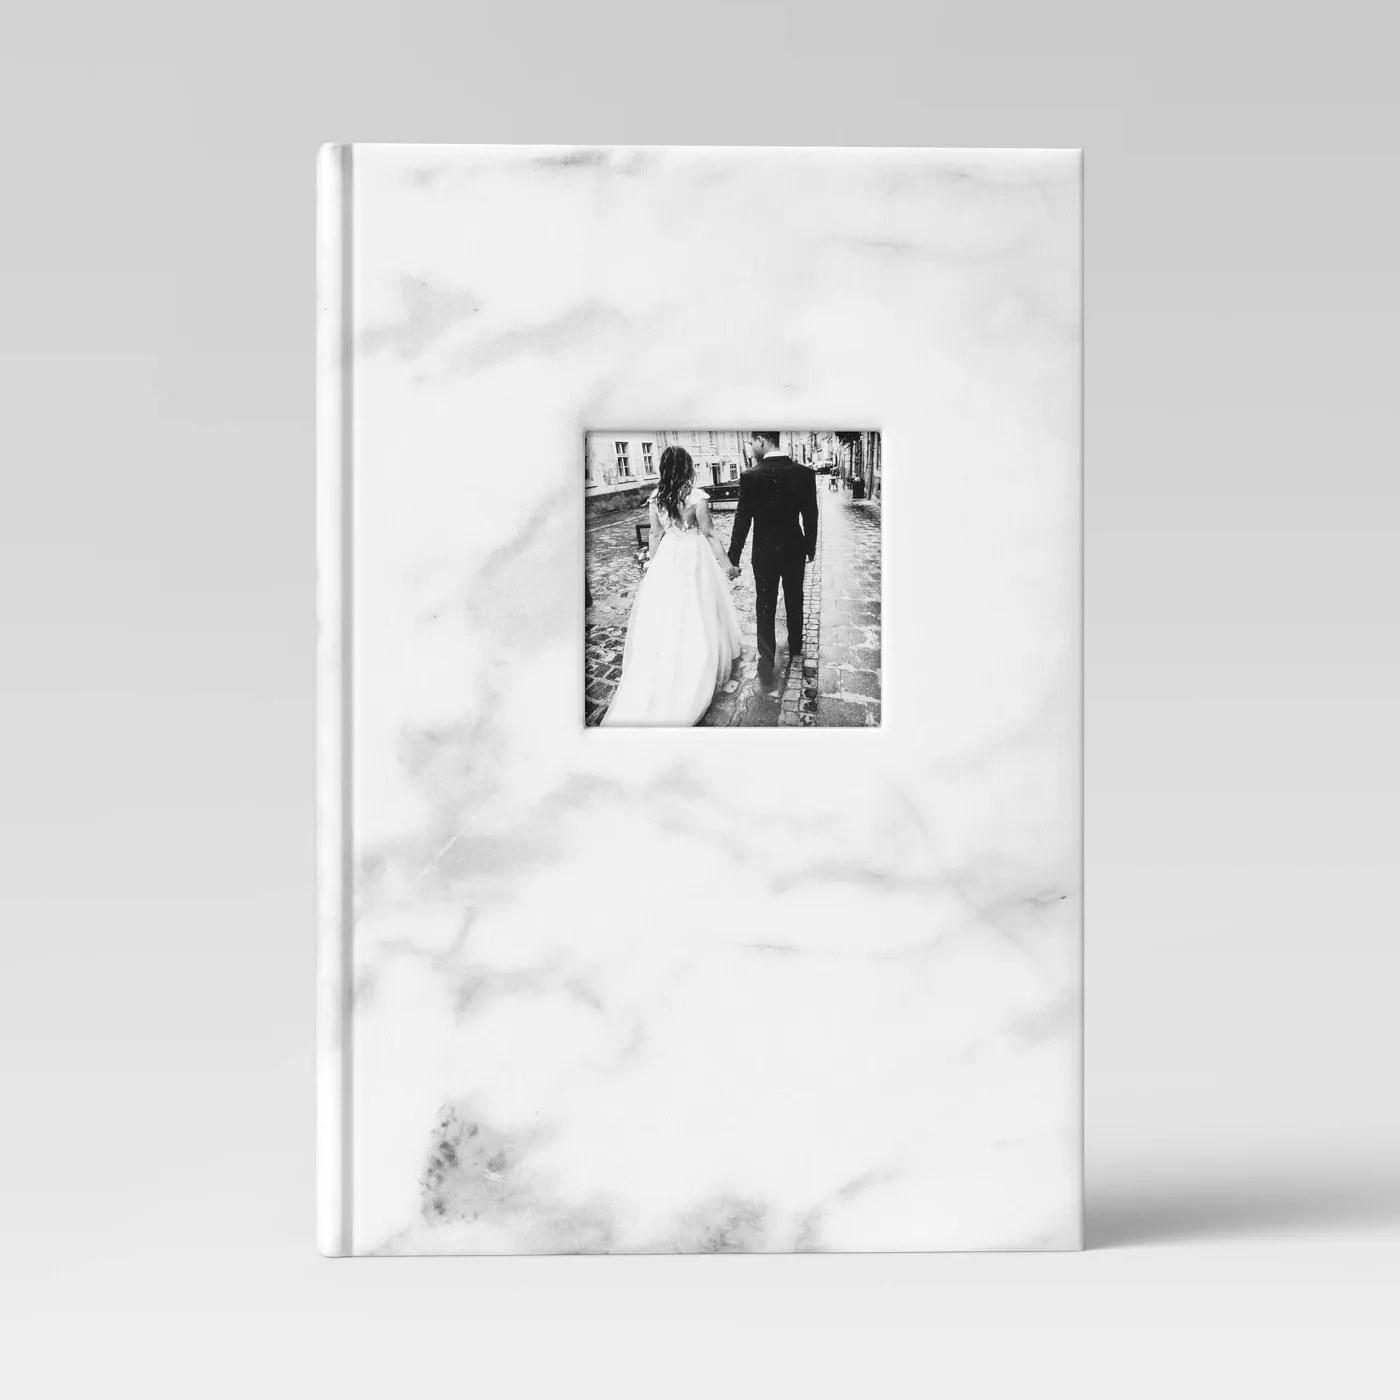 The marble album